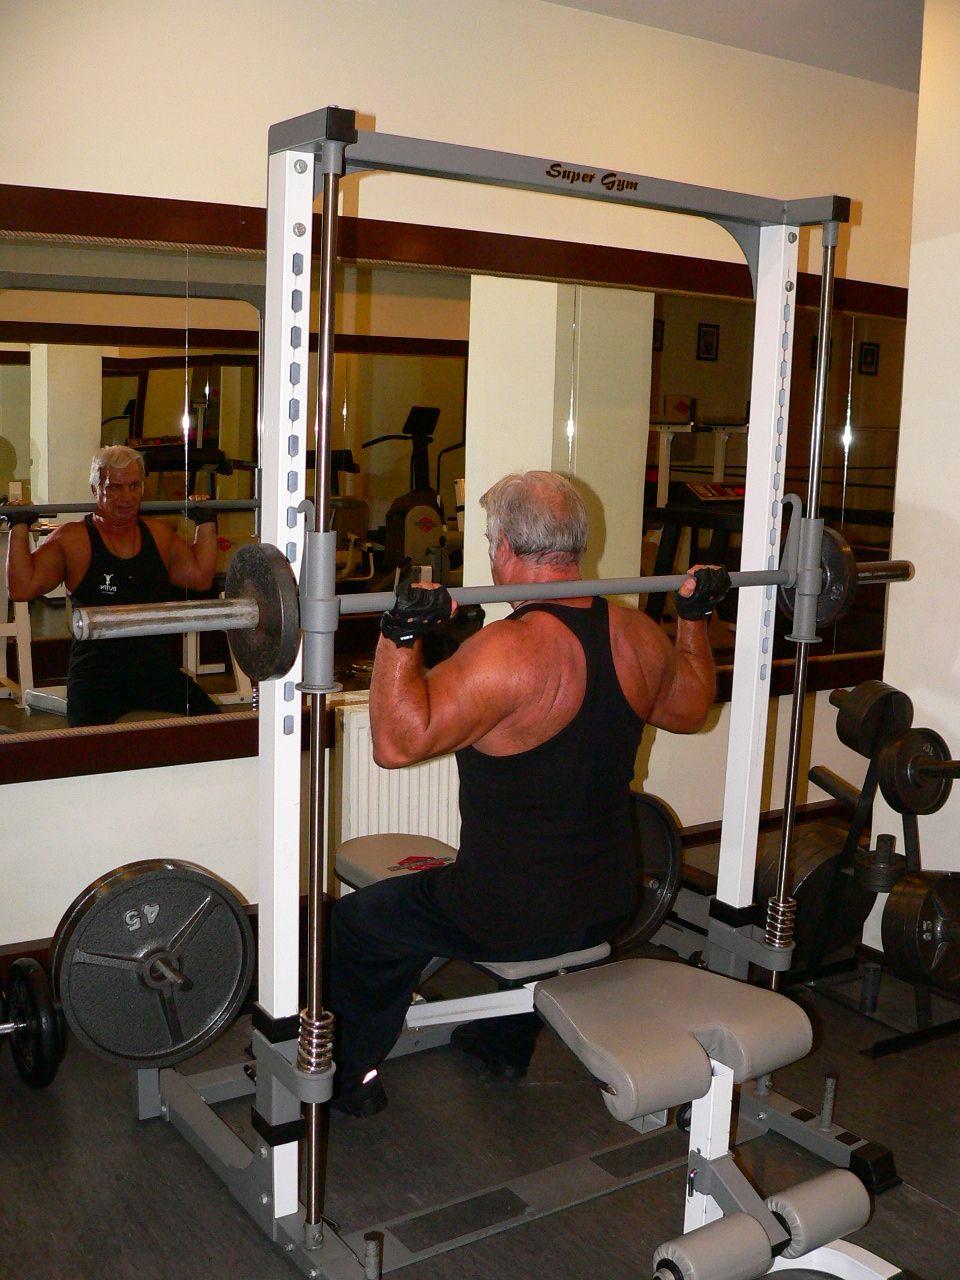 Smith Machine Press Behind Neck